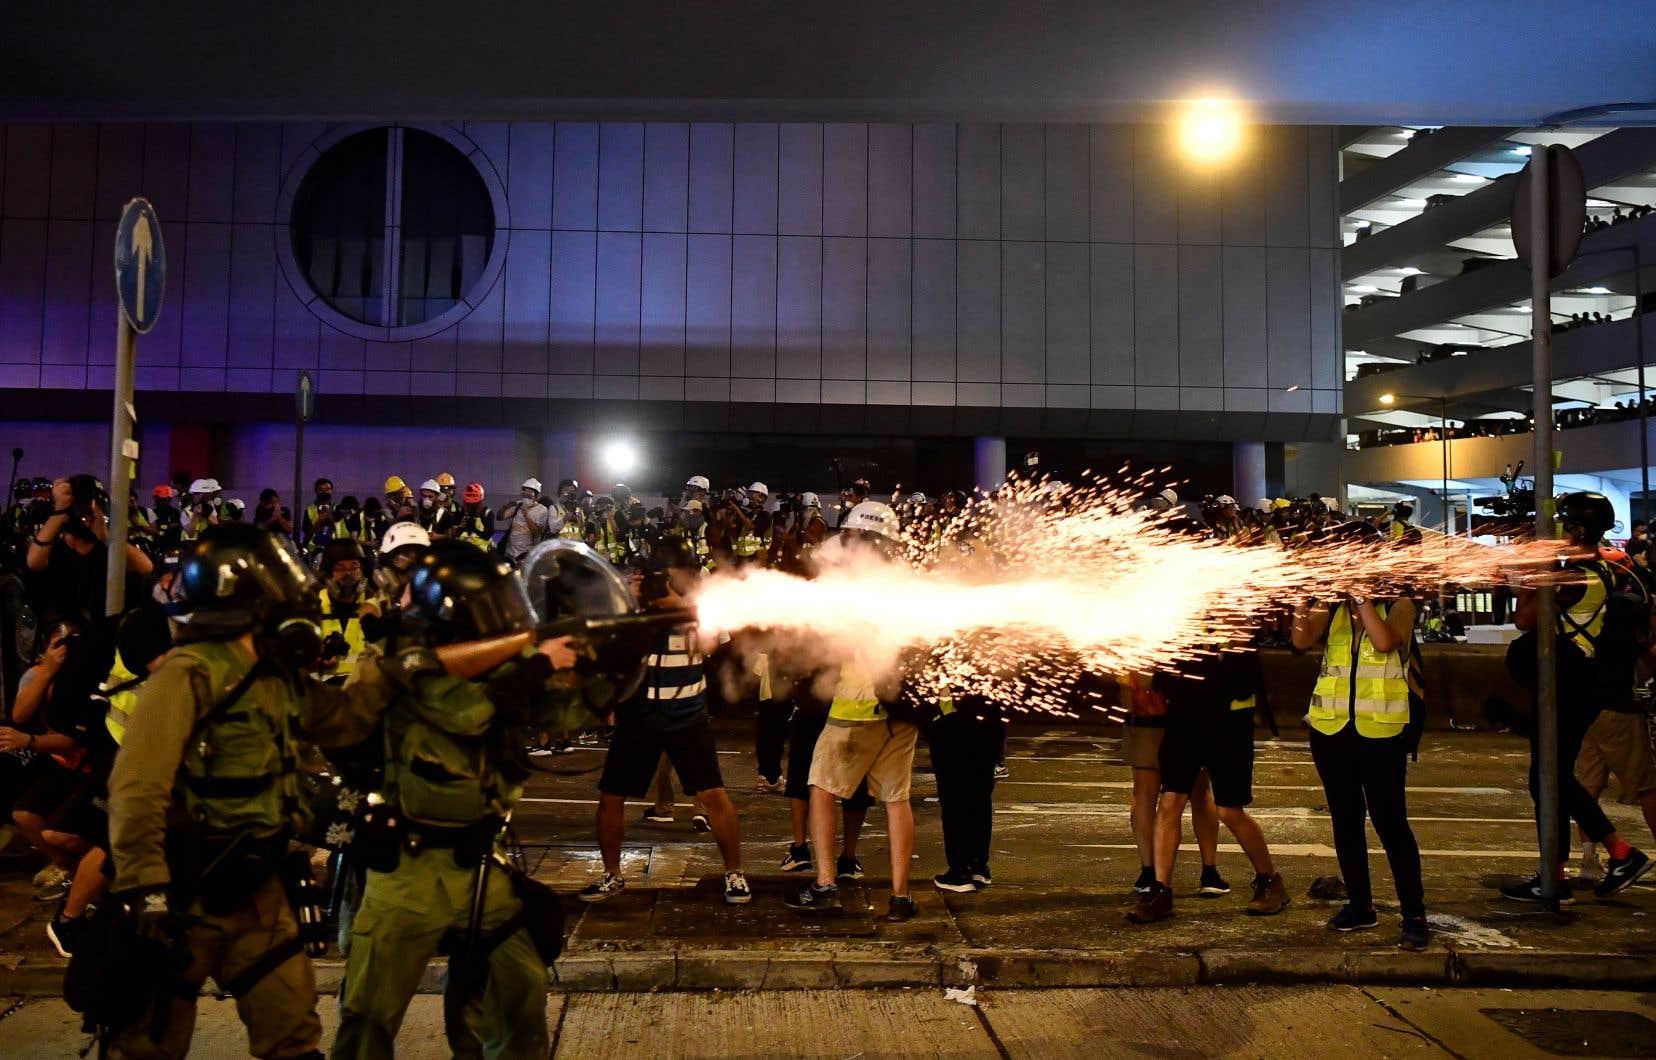 La police anti-émeute a fait usage de gaz lacrymogène et tiré des balles en catoutchoucpour disperser des groupes de protestataires.